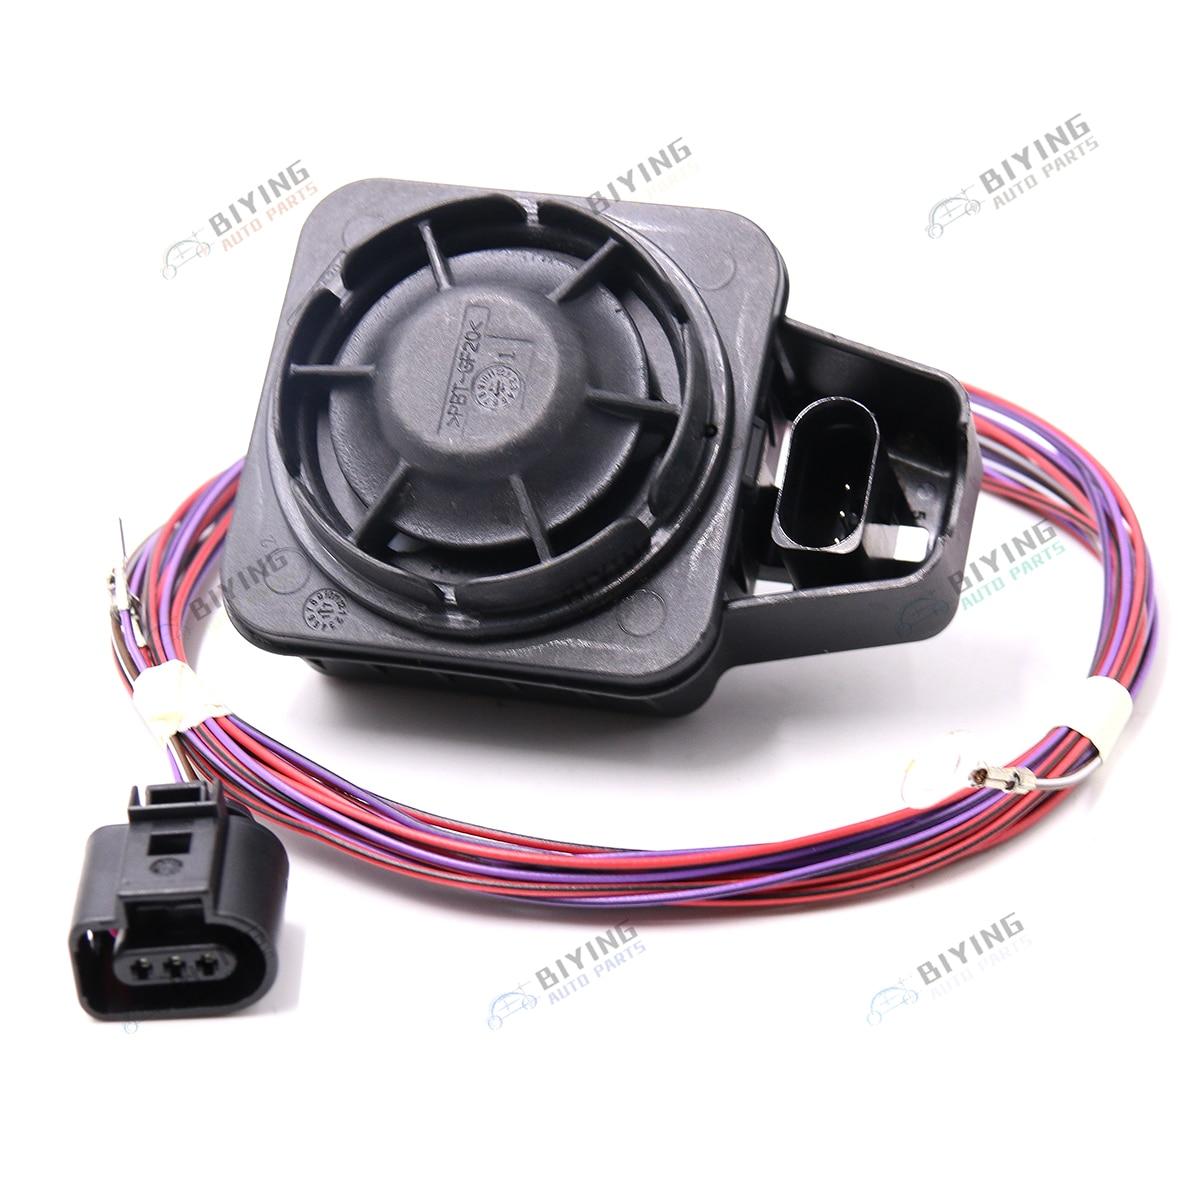 Voiture de Sécurité sirène d'alarme corne de haut-parleur Pour VW Golf 7 MK7 MQB Passat B8 Tiguan A3 8 V 5QD 951 605 5Q0951605